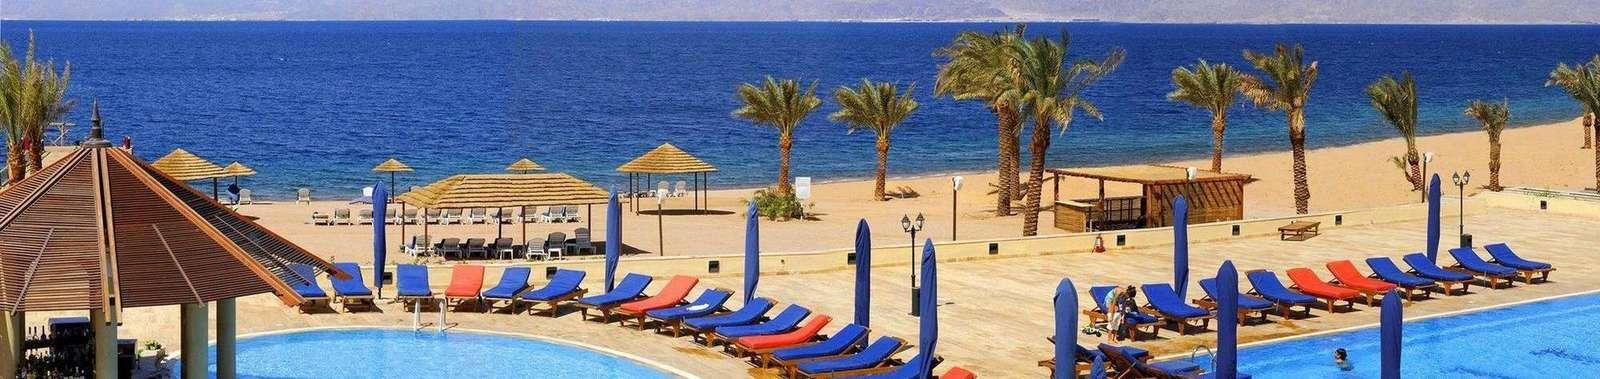 Marina-Plaza-Hotel-Tala-Bay-photos-Exterior